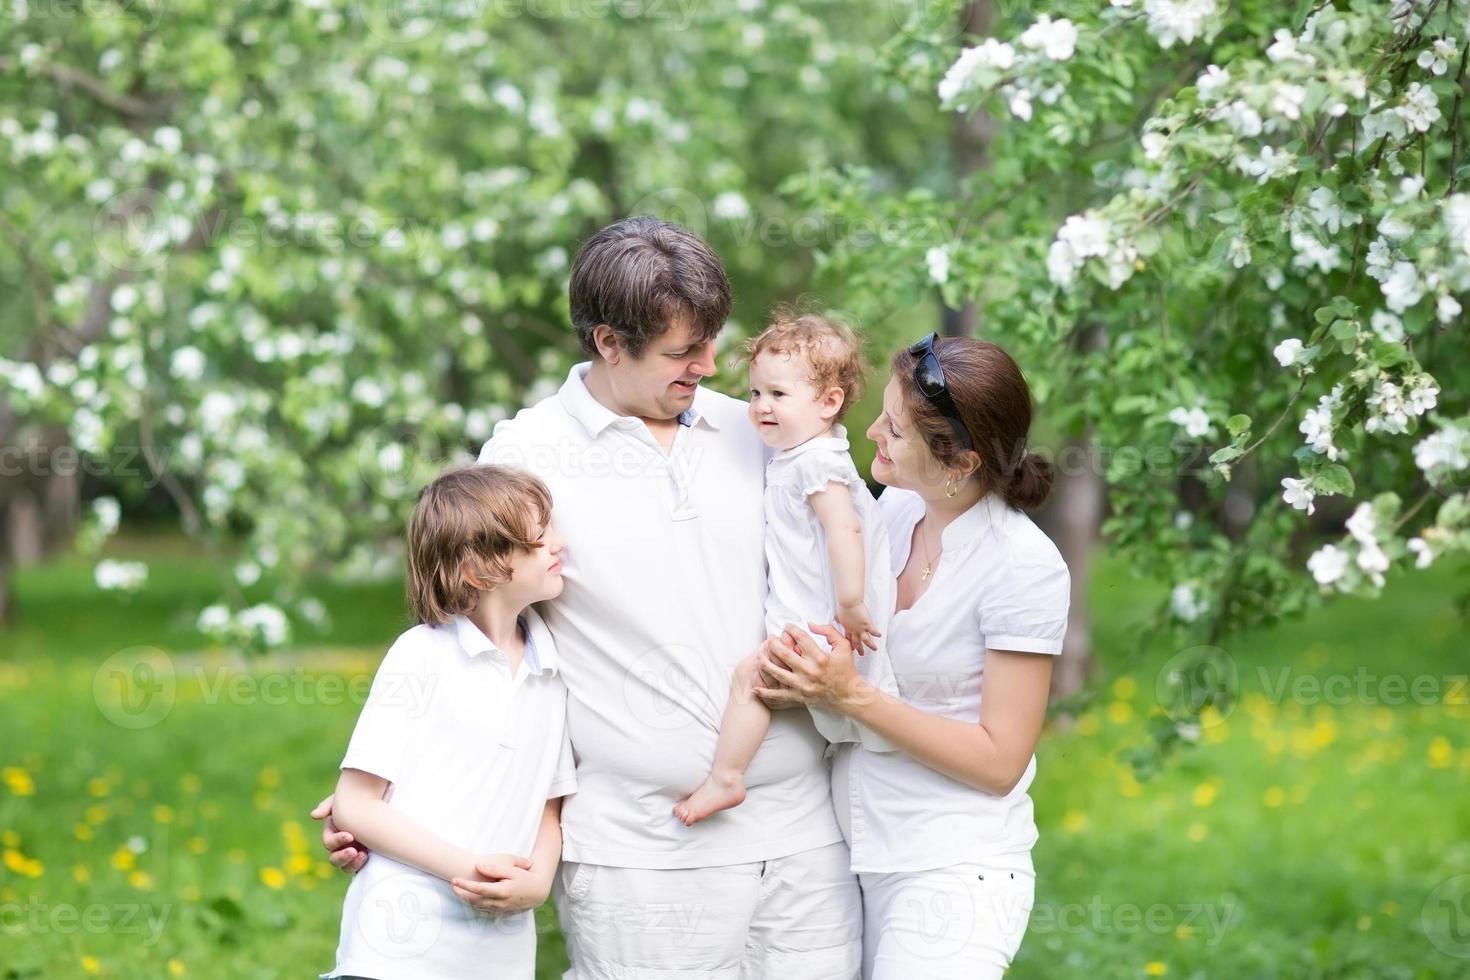 mooie jonge familie in een bloeiende appelboom tuin foto